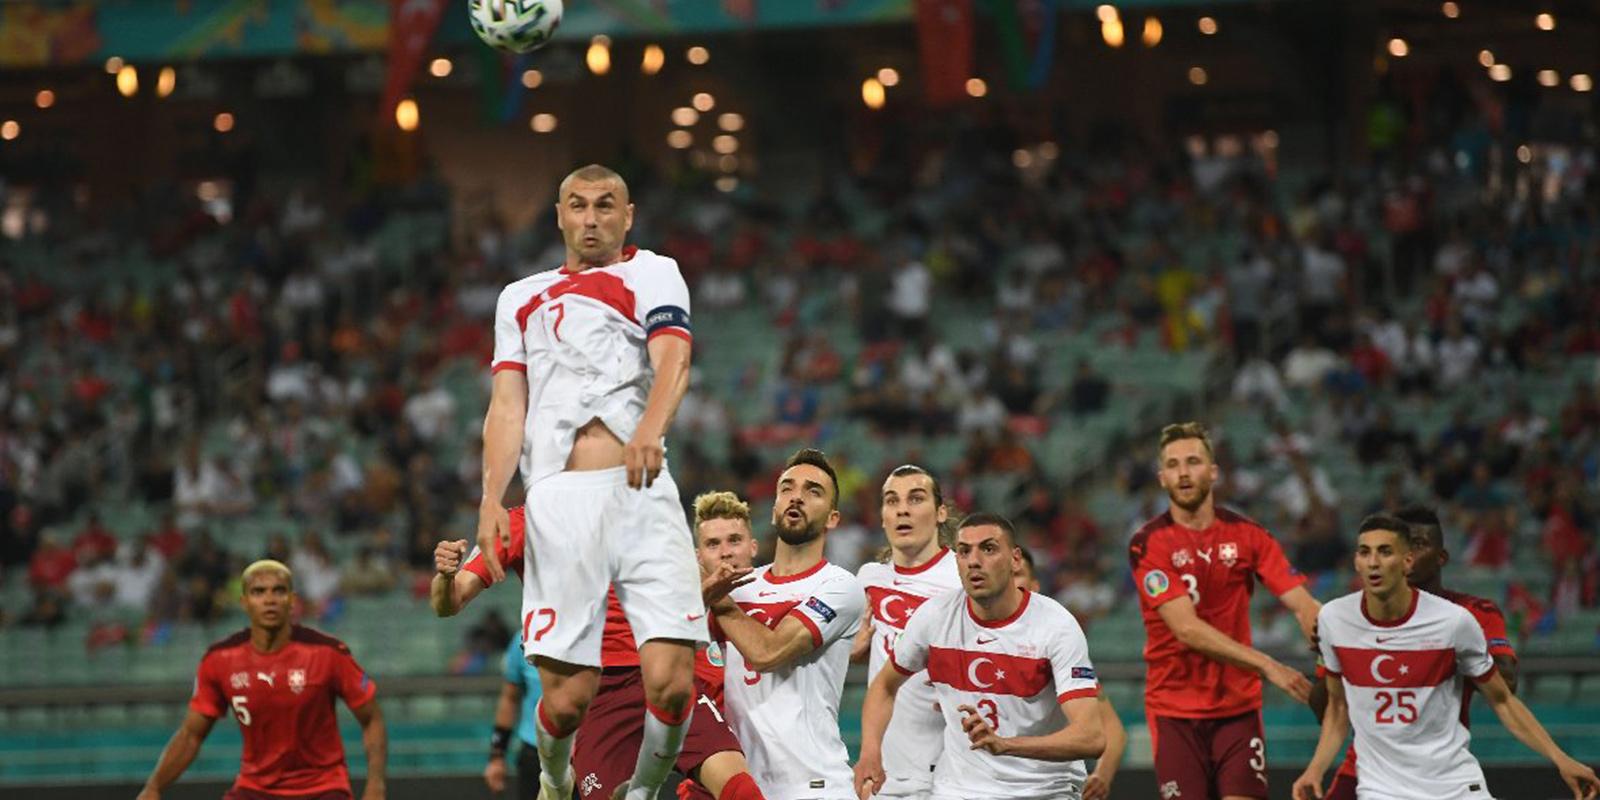 Türkiye EURO 2020'ye veda mı etti?   İsviçre - Türkiye maçı kaç kaç bitti?   Türkiye elendi mi?